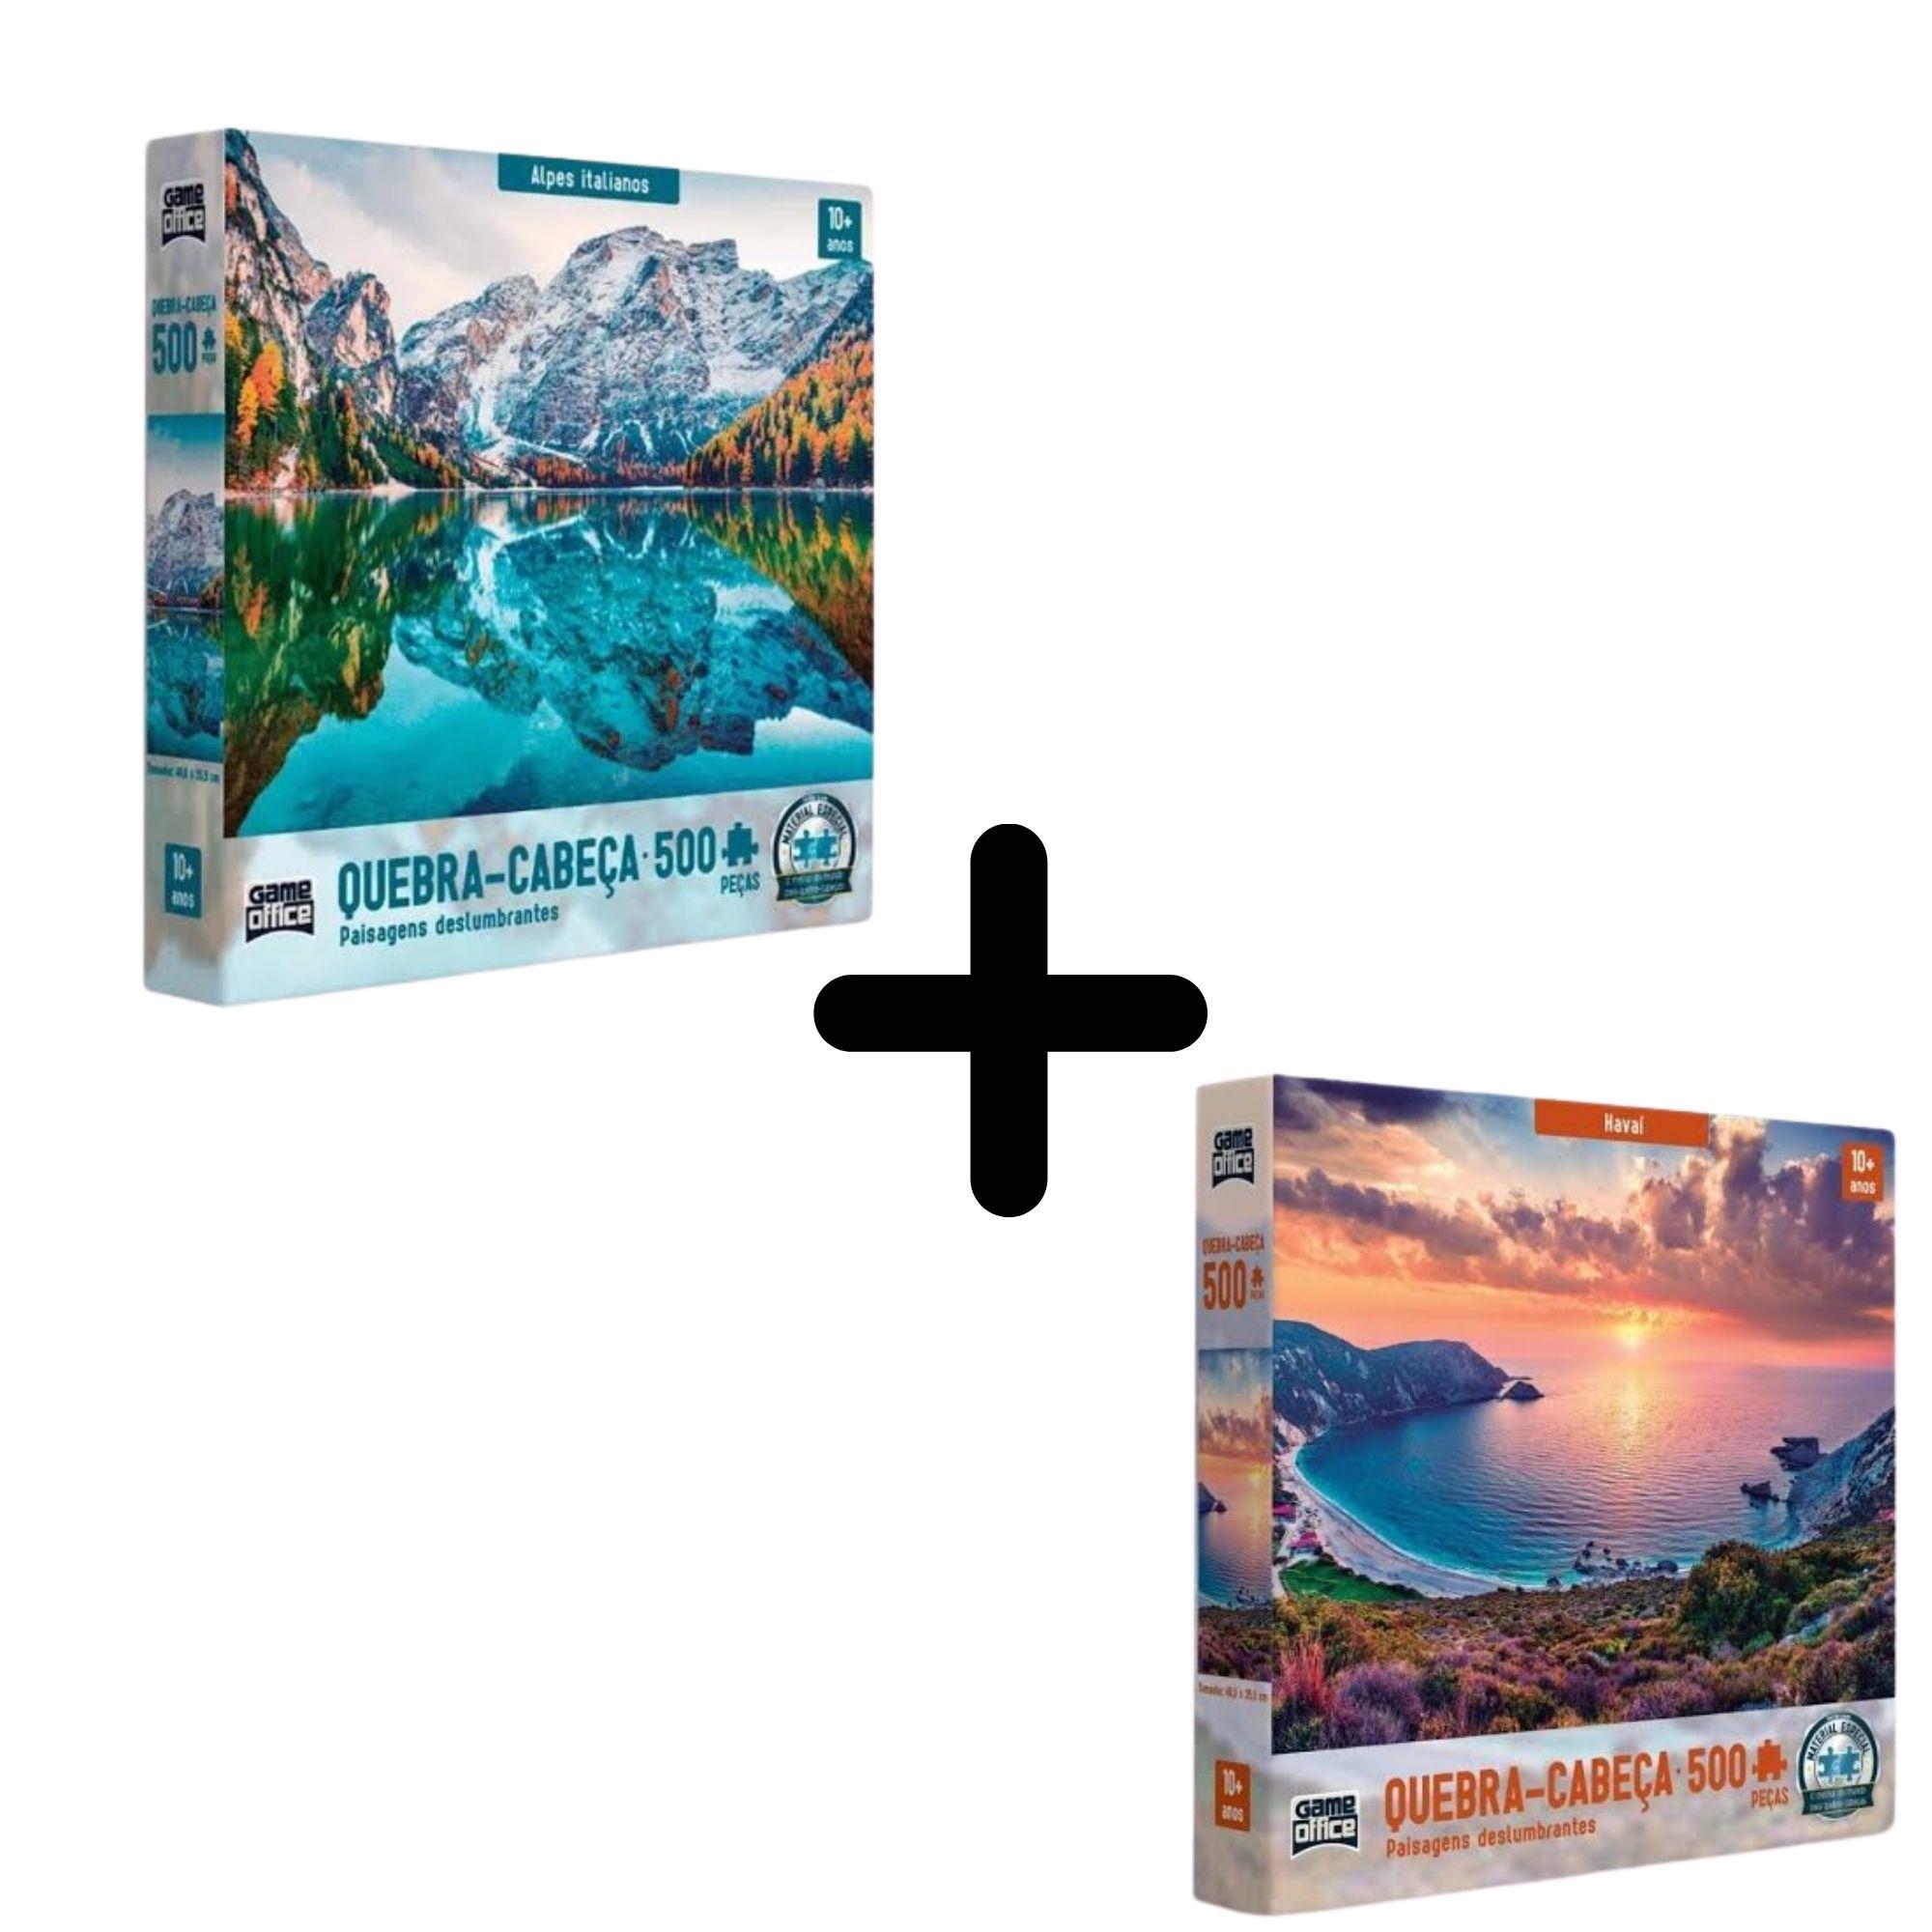 Kit com 2 quebra cabeças de 500 peças Paisagens Deslumbrantes Toyster  - Game Land Brinquedos